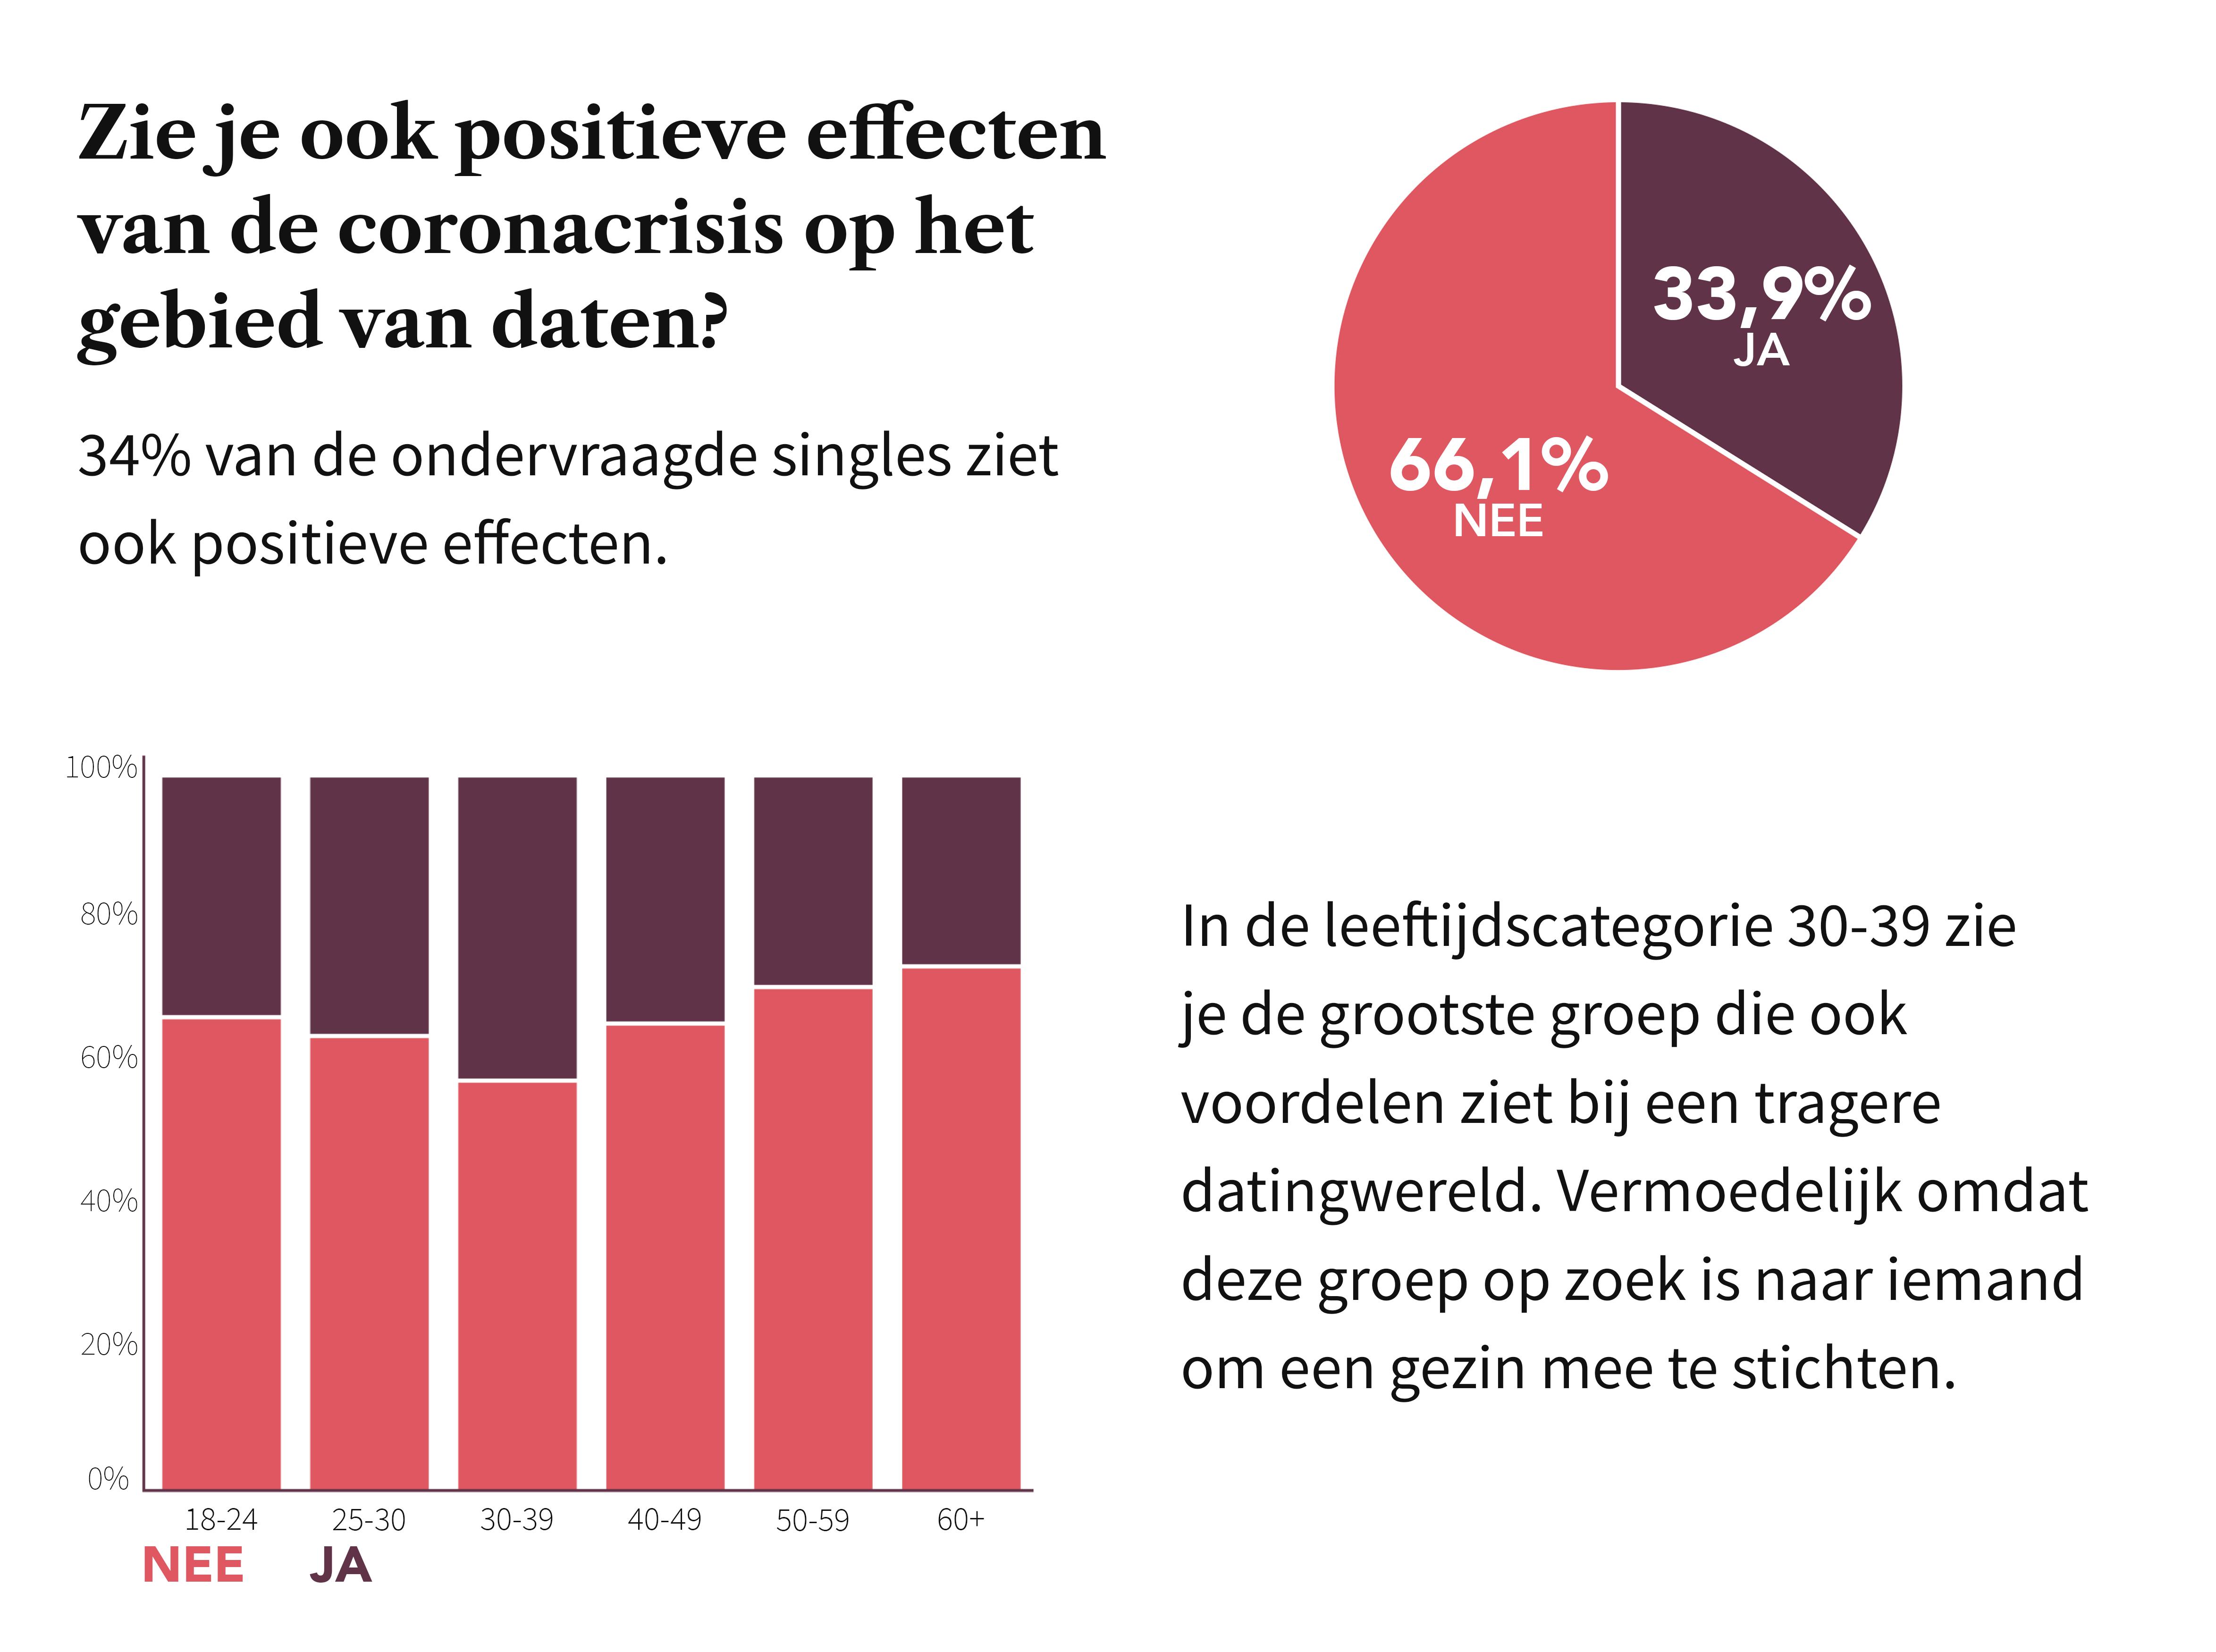 34% van de singles zien ook positieve effecten van de coronacrises op daten. Vooral dertigers.